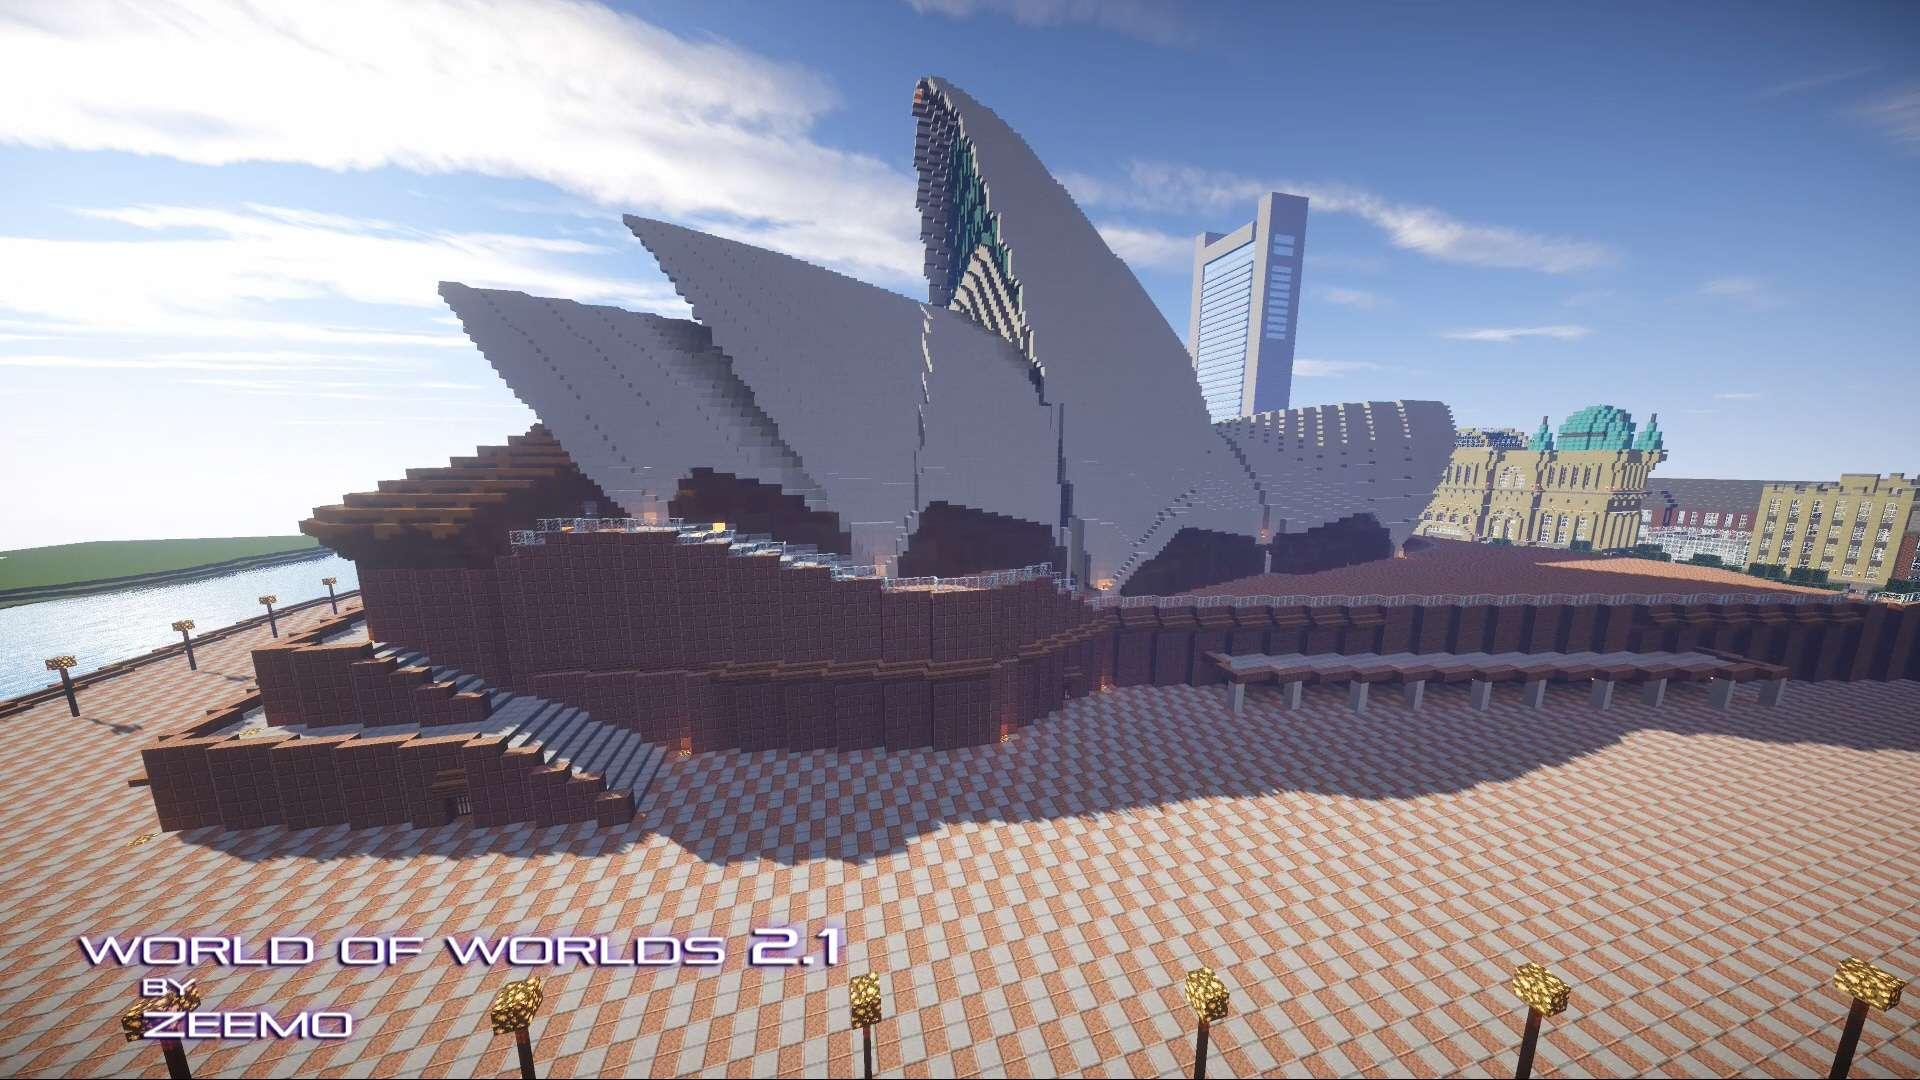 World of Worlds 2.1 update 5